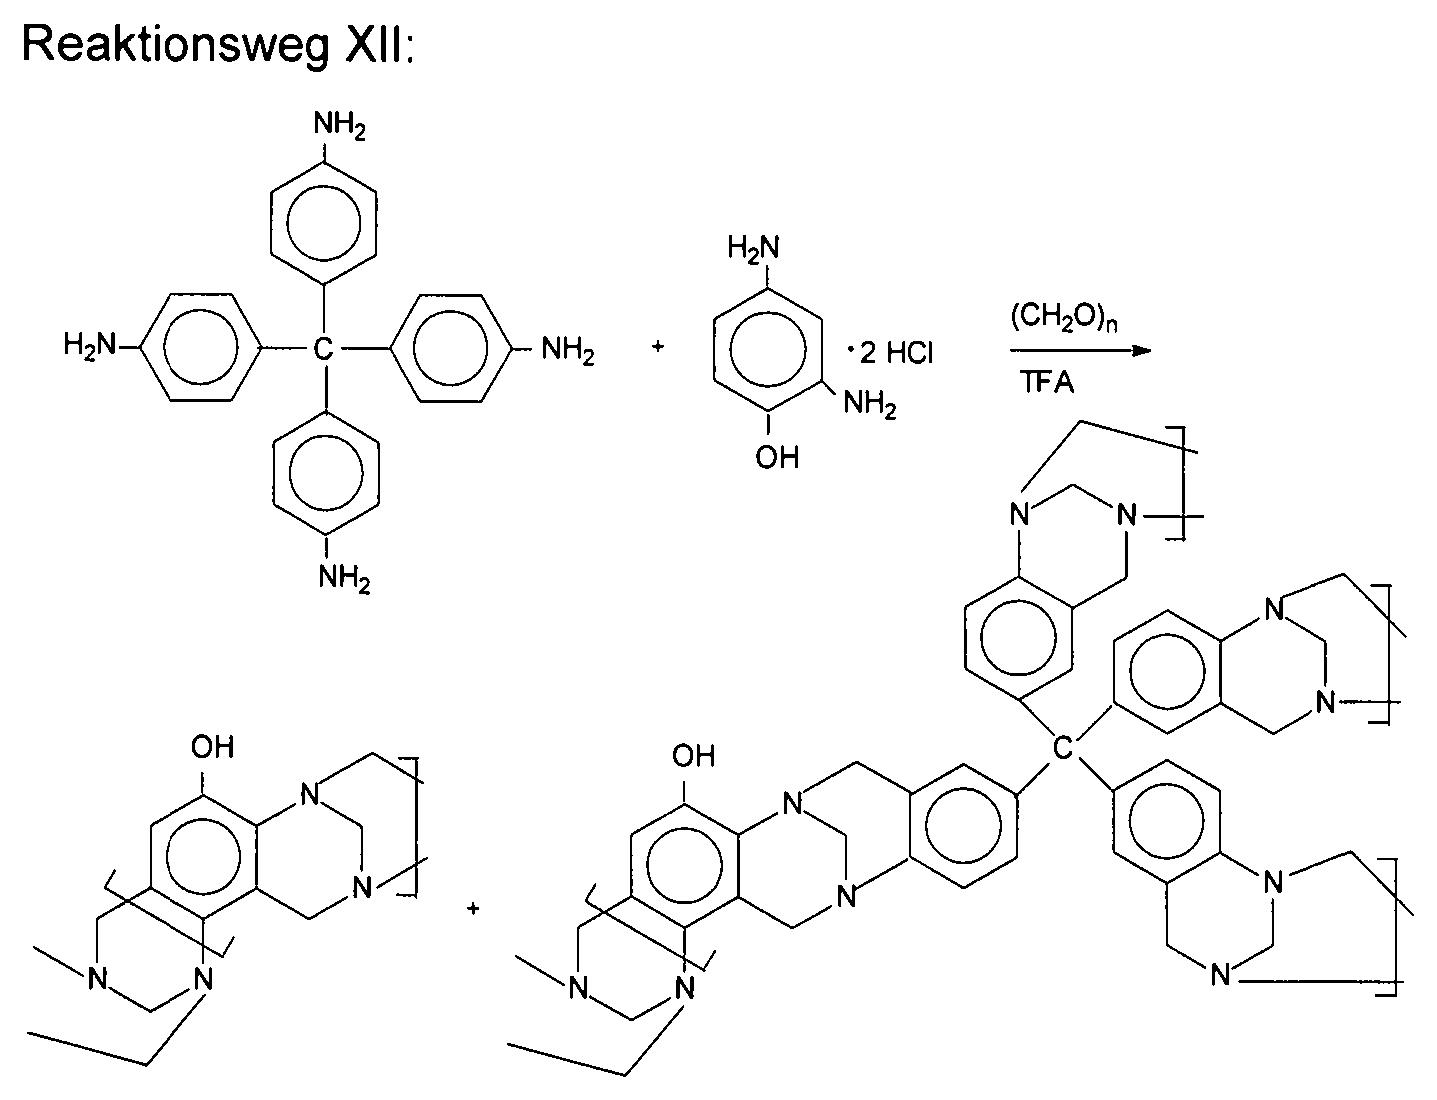 Figure DE112016005378T5_0032